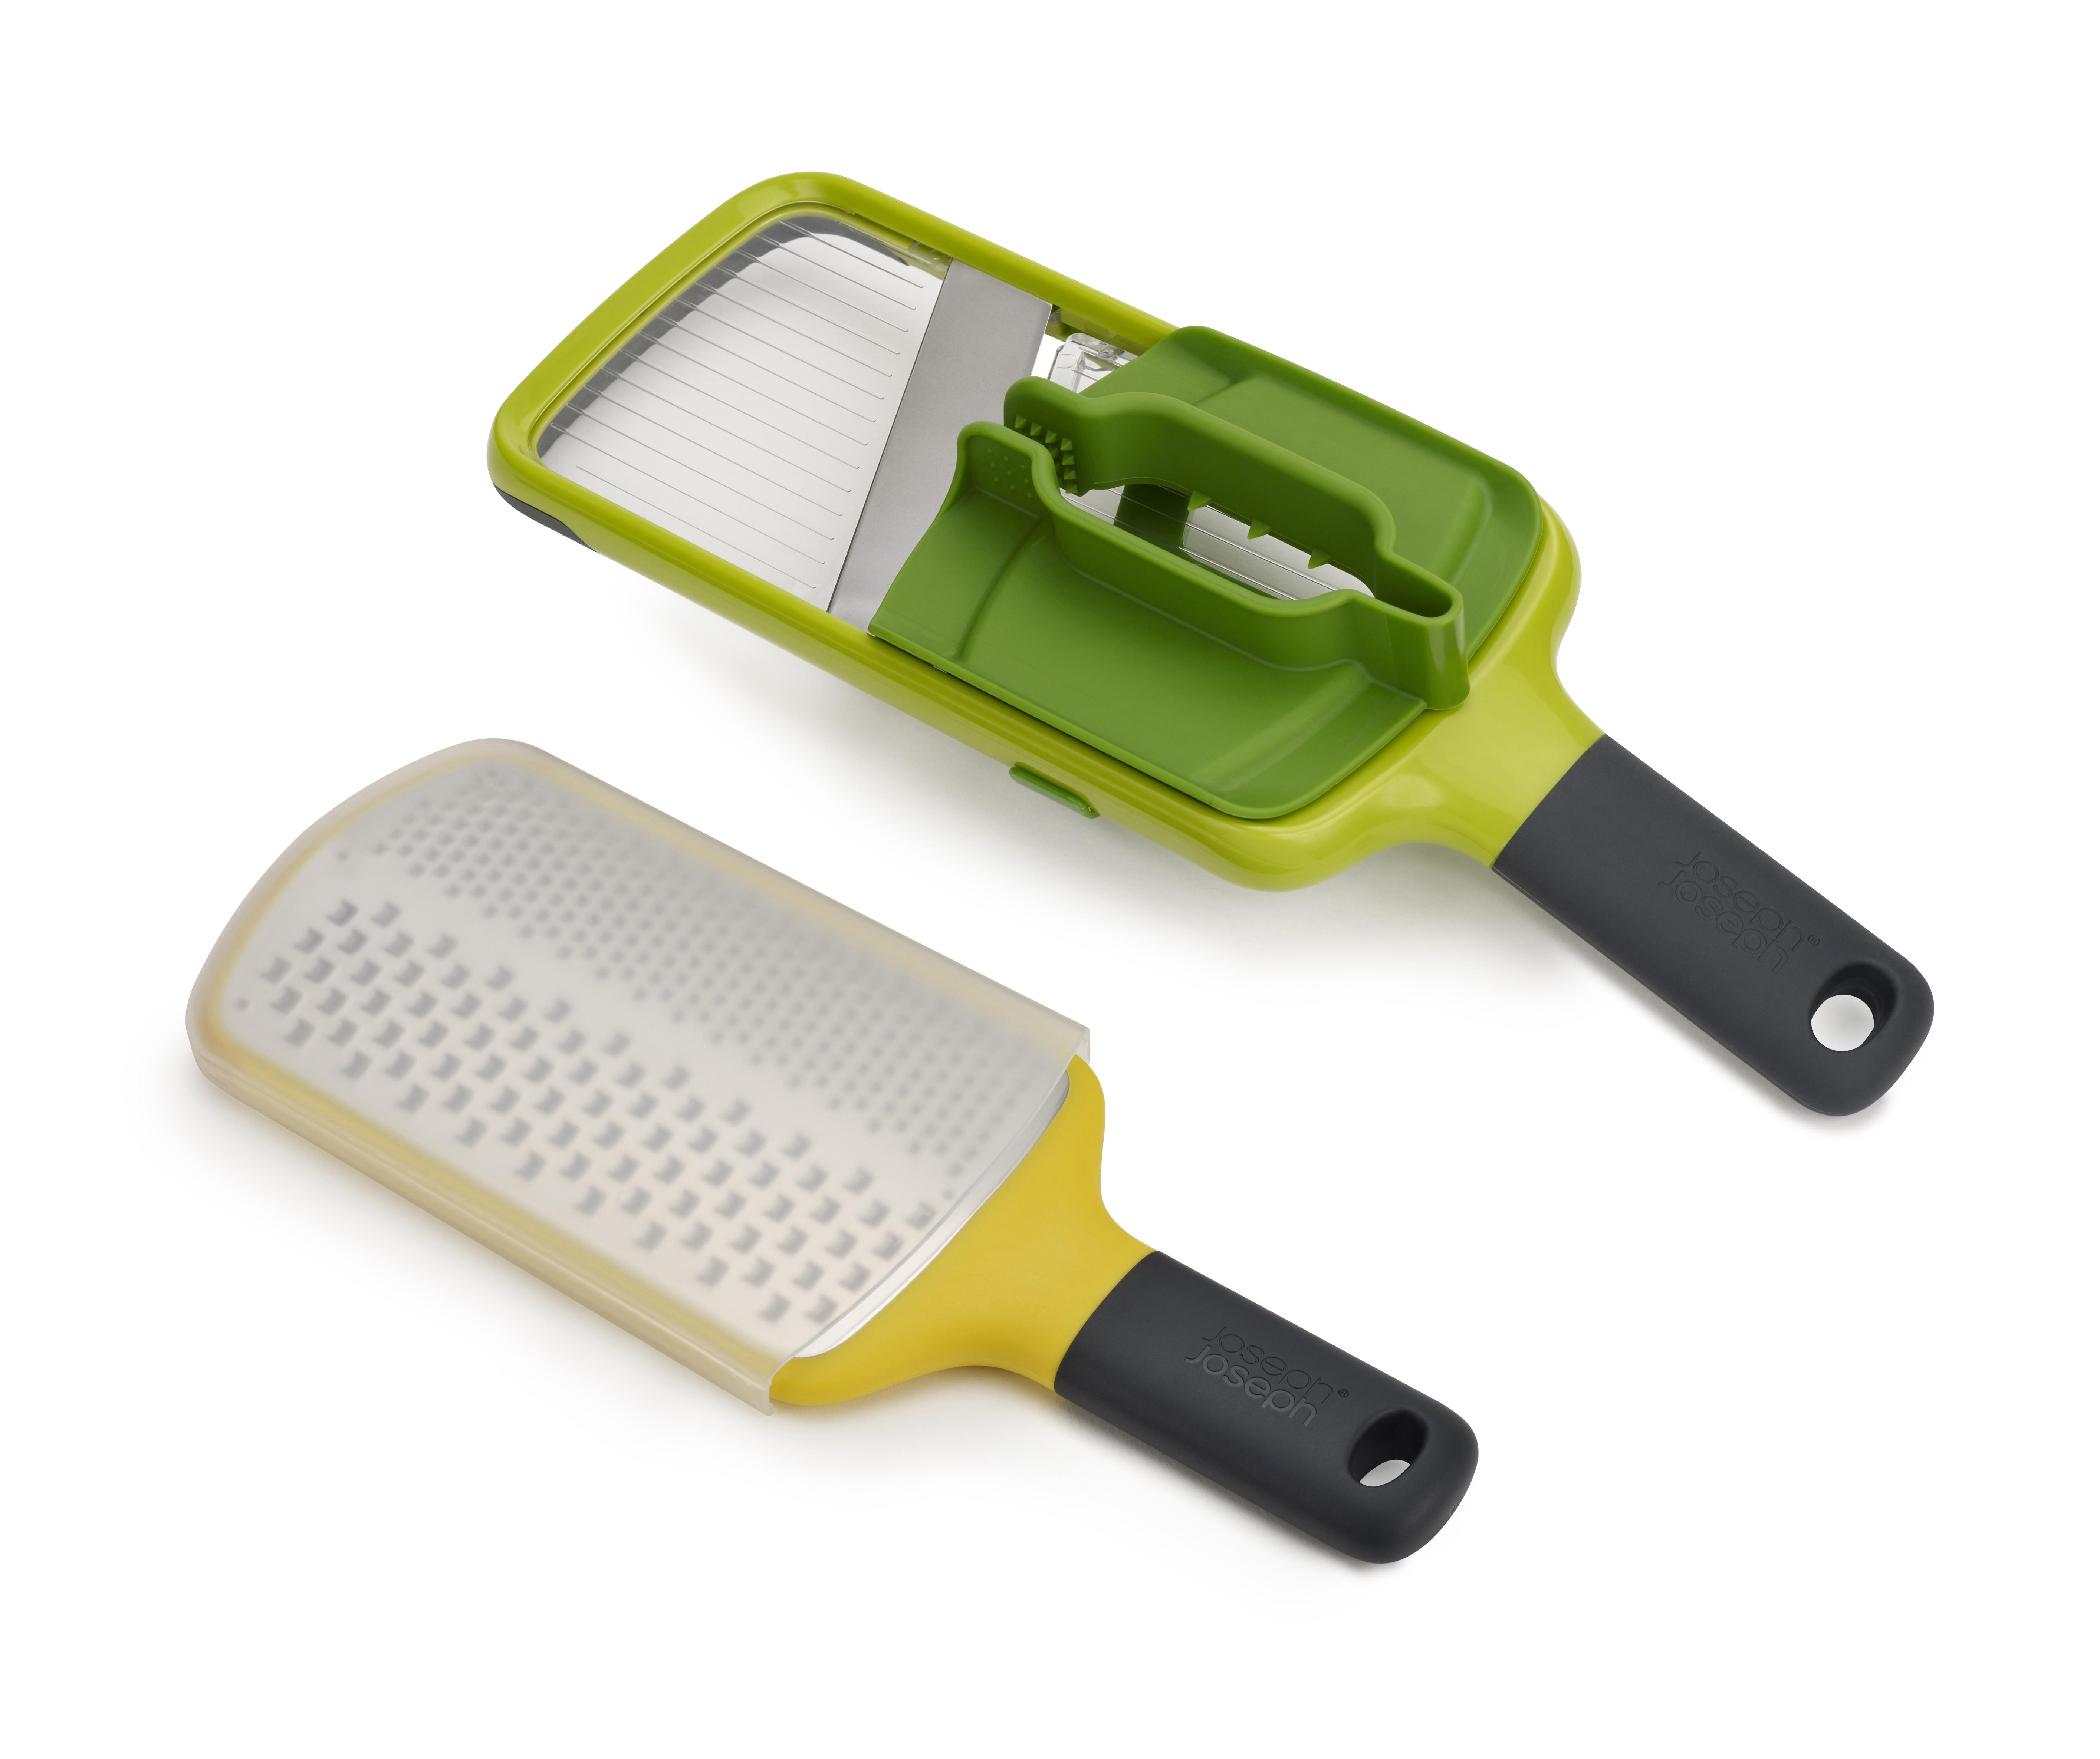 Go-to Gadgets 2-piece Food Preparation Set – Multicolour